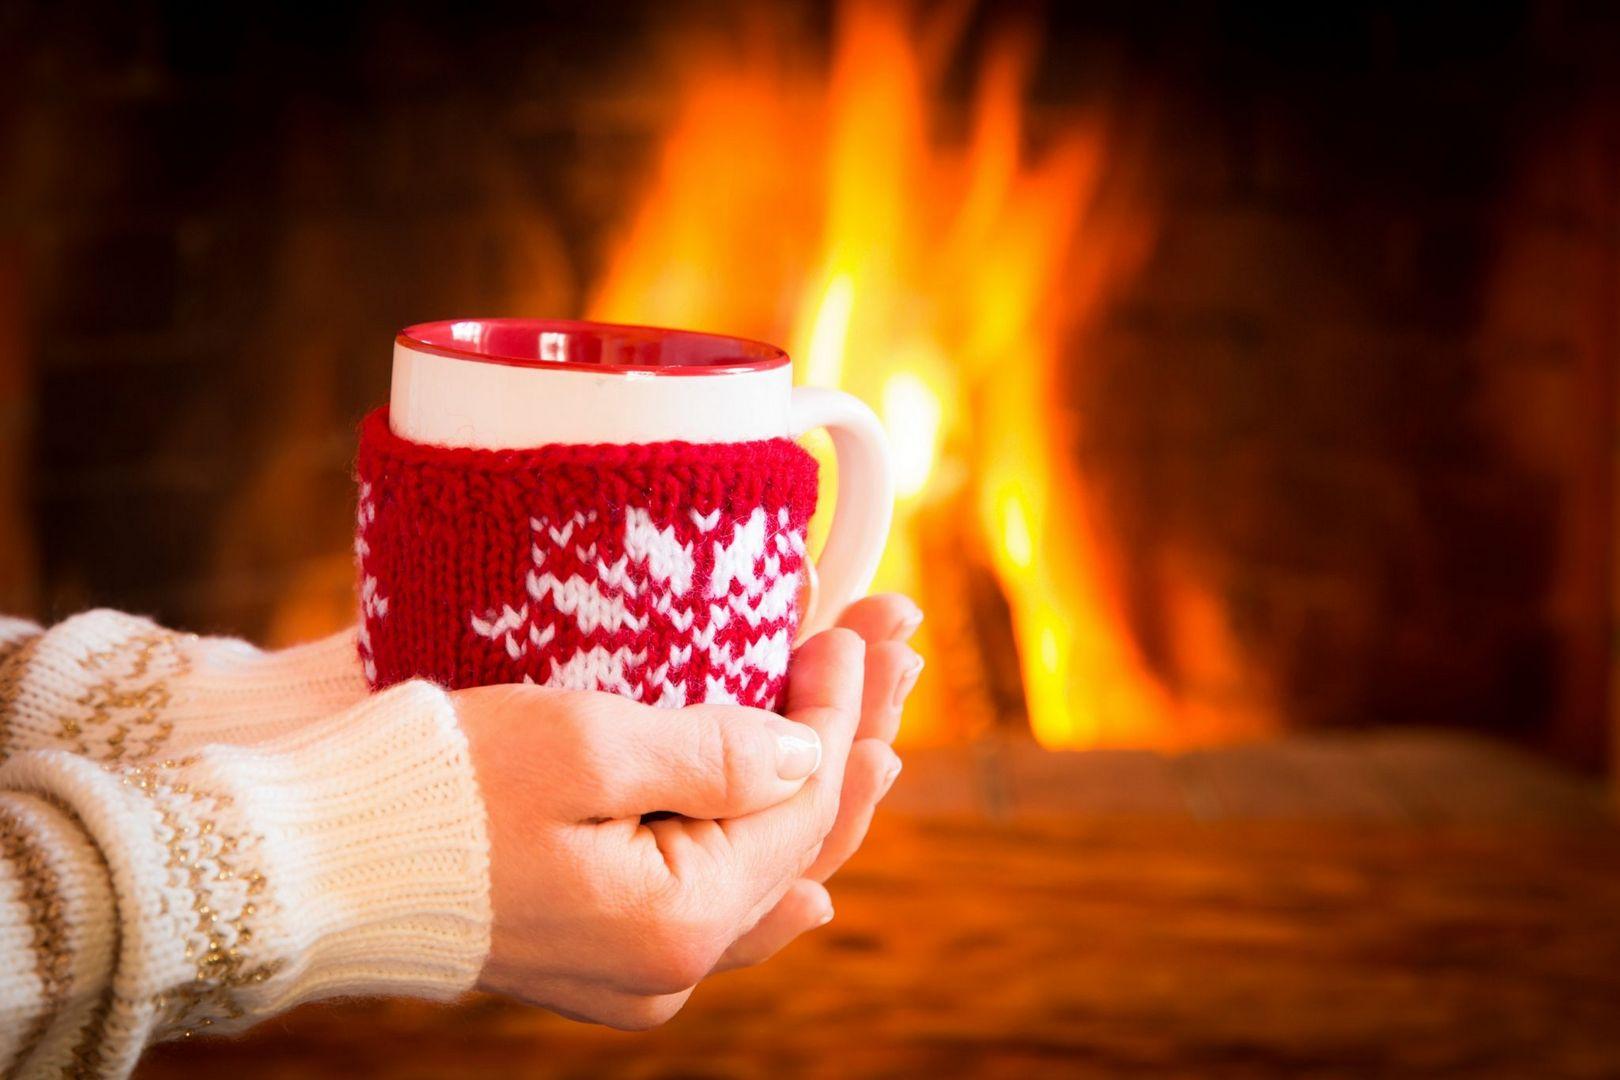 предлагаем пассажирам добрые картинки теплые морозы открытое